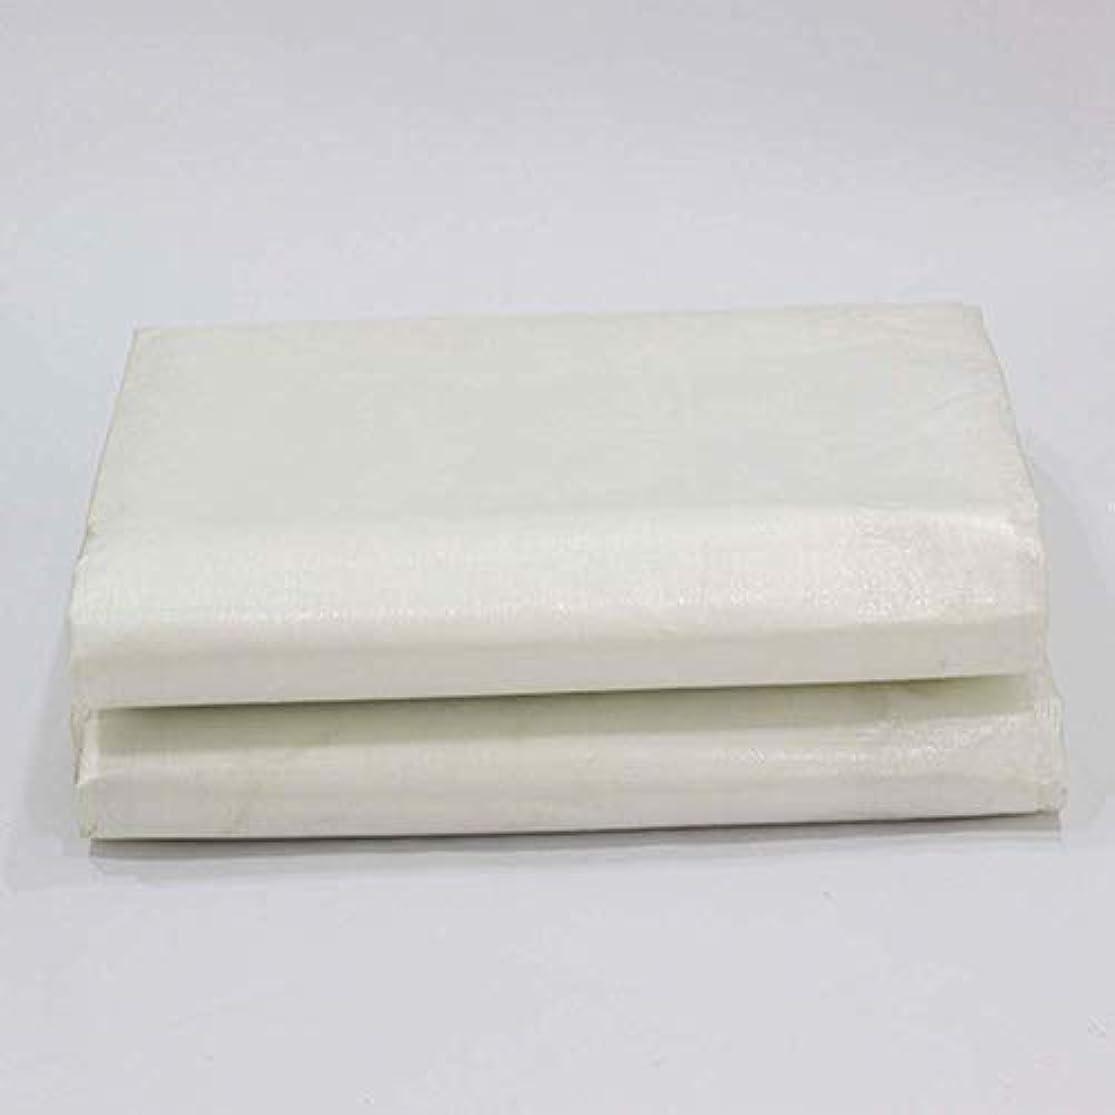 最後のスクラップブックどうやって36-dianyejiancai 屋外のテント厚い白い防雨の日焼け止めの防水シートのトラックの防水シート屋外の日除けのプラスチック布 (Color : 白, サイズ : 6X12M)